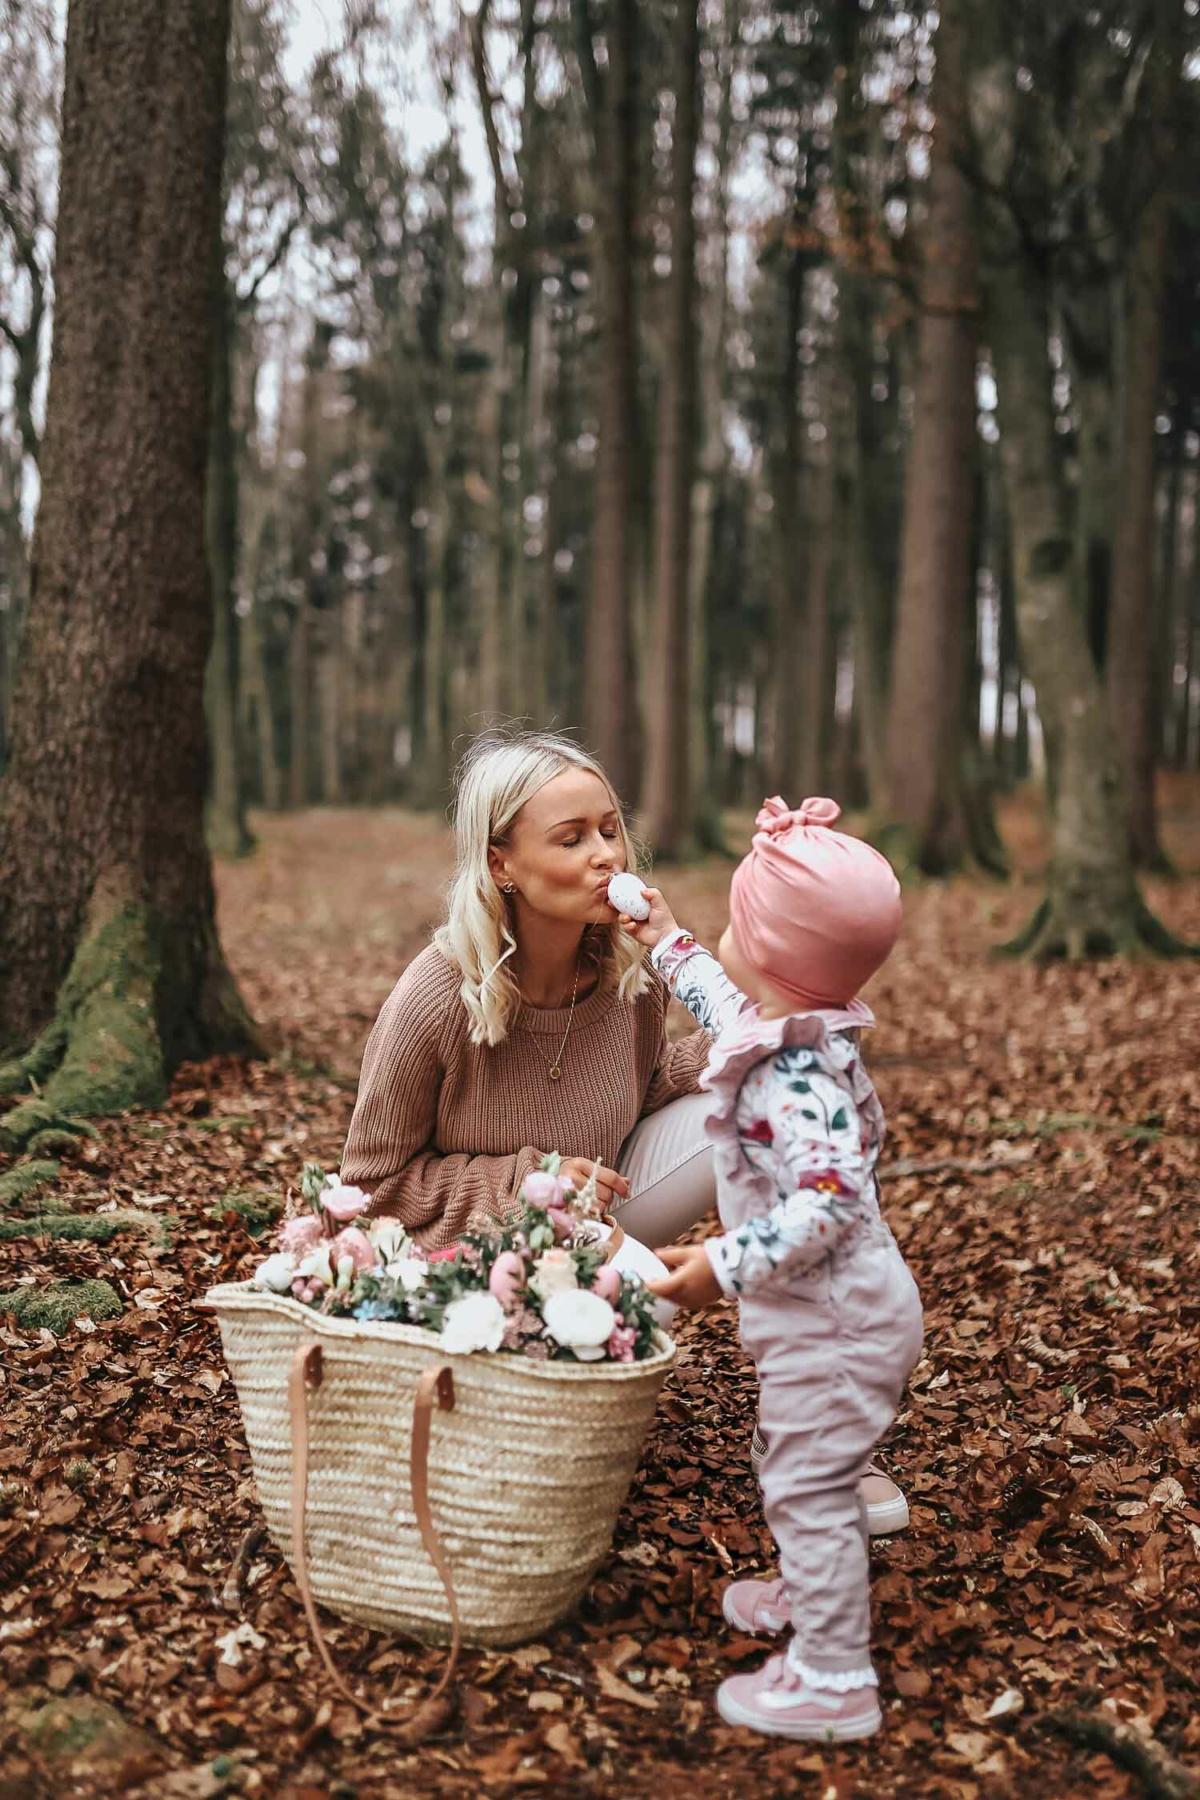 stylingliebe-lifestyleblogger-mamablog-familienblog-muenchen-lifestyleblog-blogger-deutschland-mamablogger-familienblog-familienblogger-familientraditionen-und-kindheitserinnerungen-6